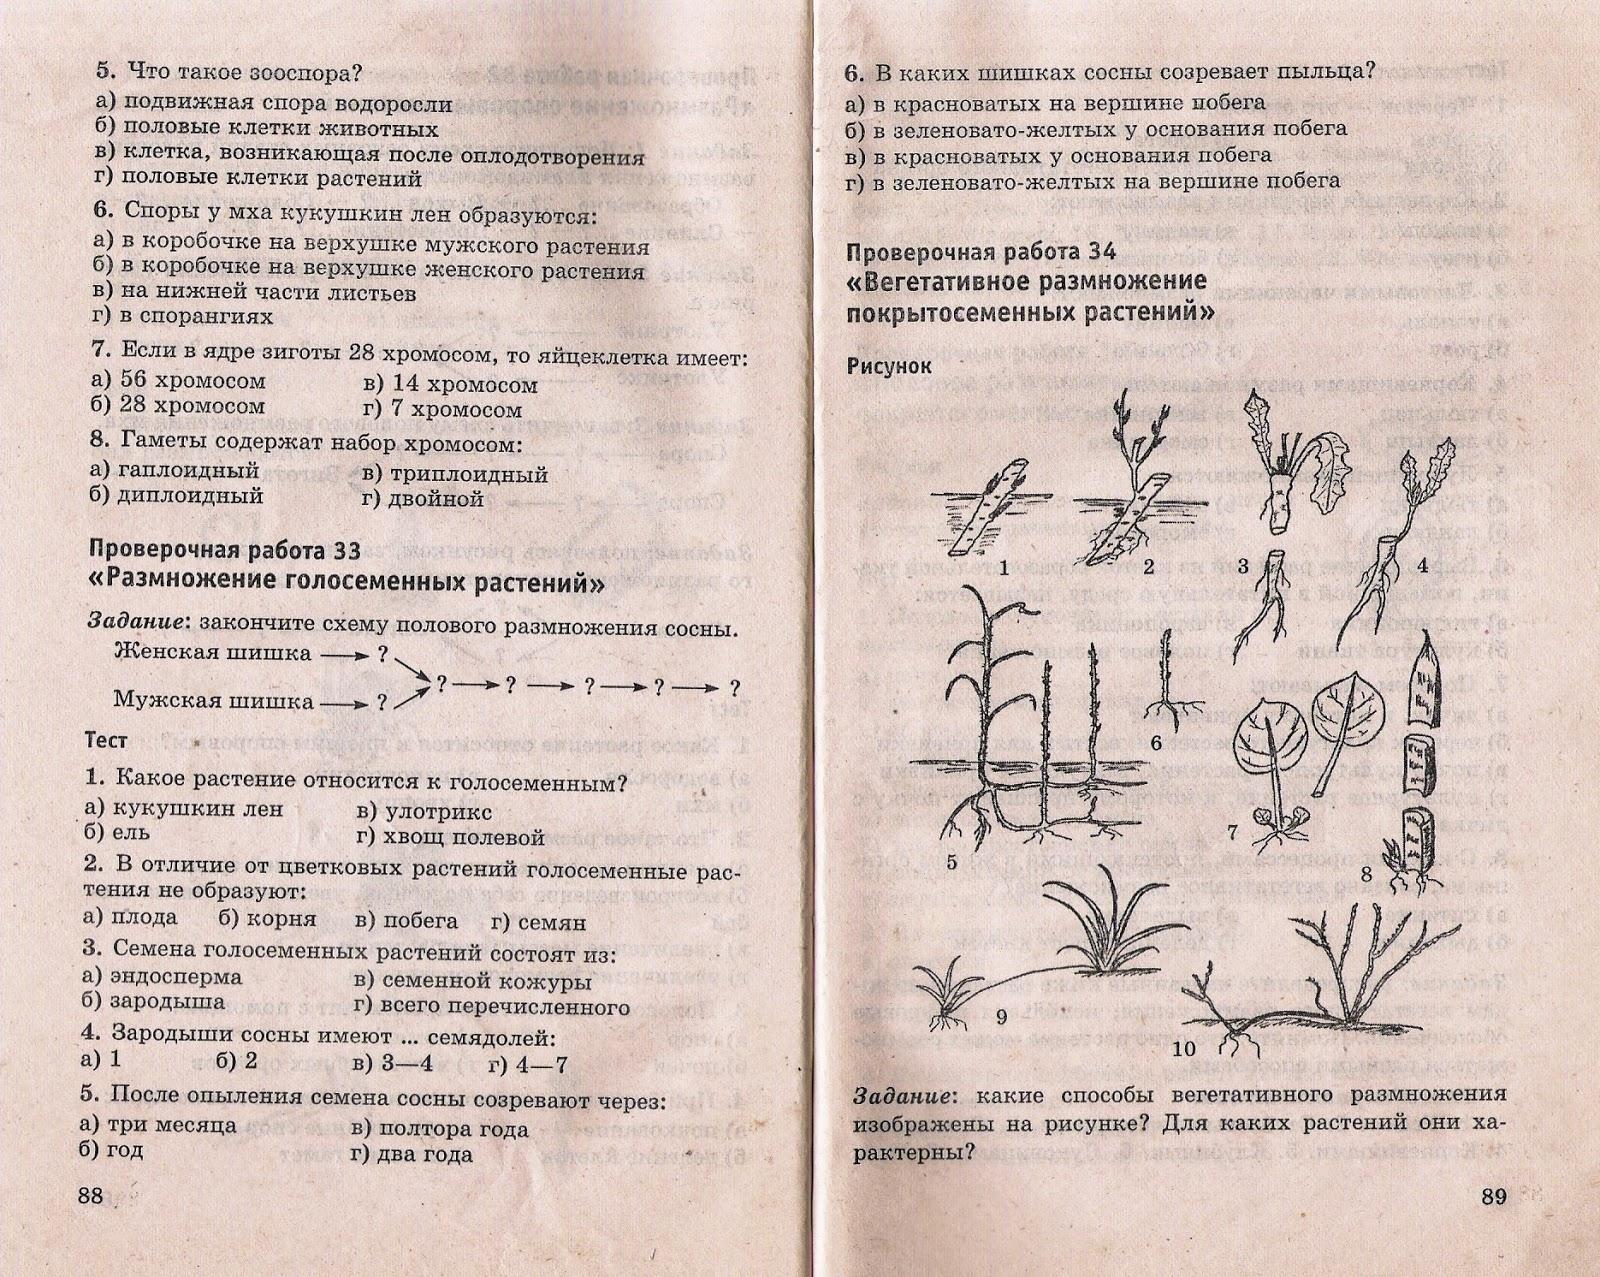 Тесты по биологии гекалюк 7 класс скачать бесплатно